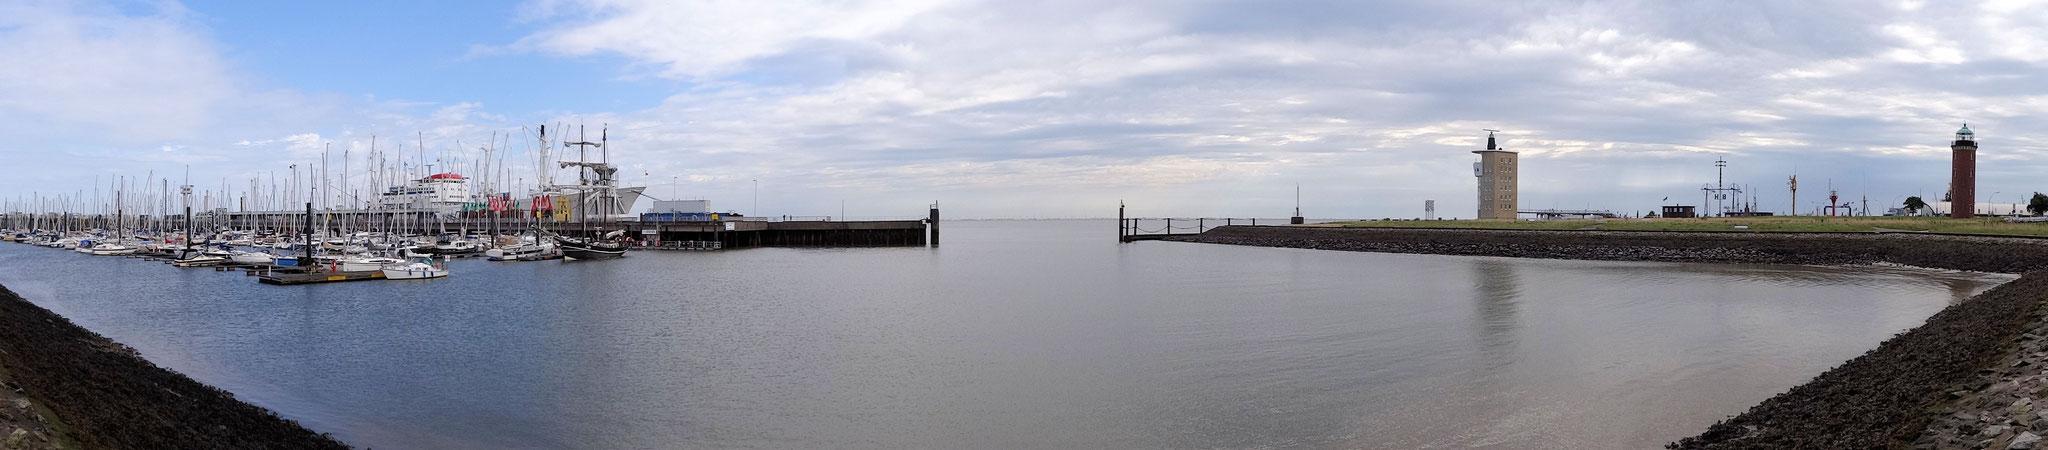 Yachthafen mit dem Radarturm